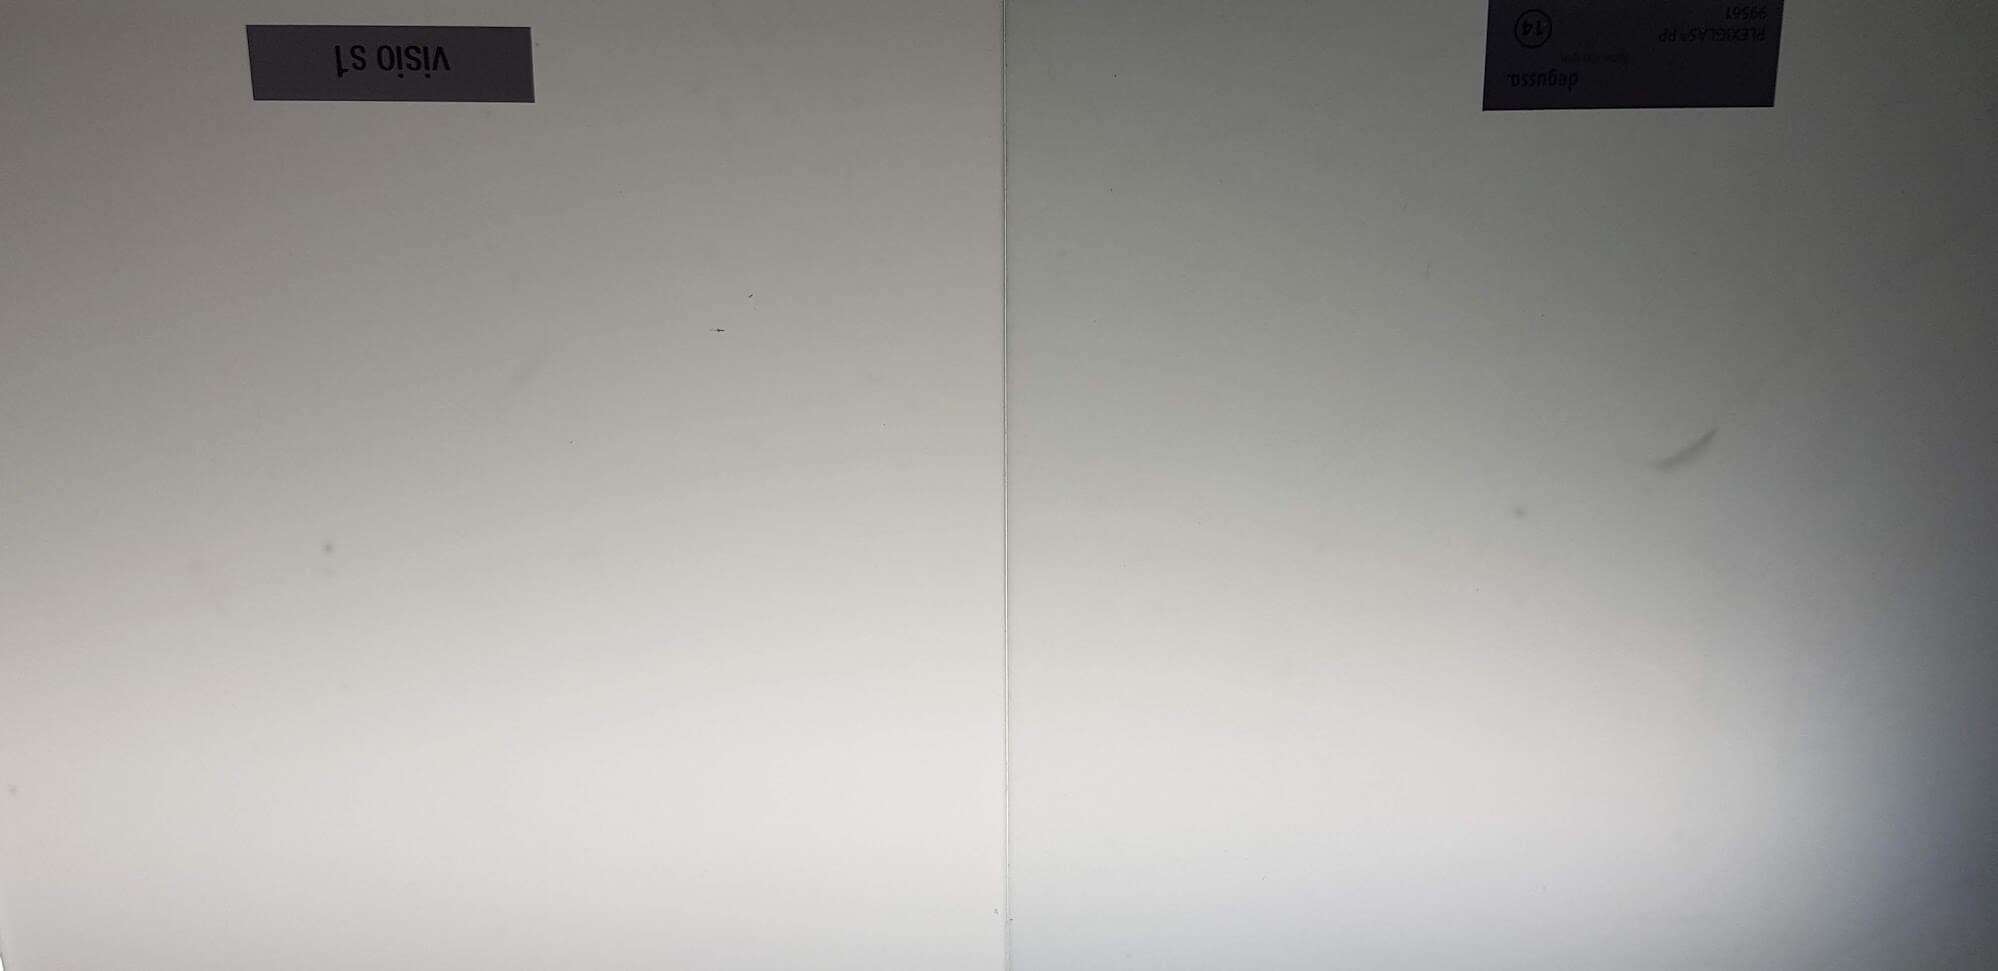 Plexiglas RP gegen VisioS1 im Durchlicht